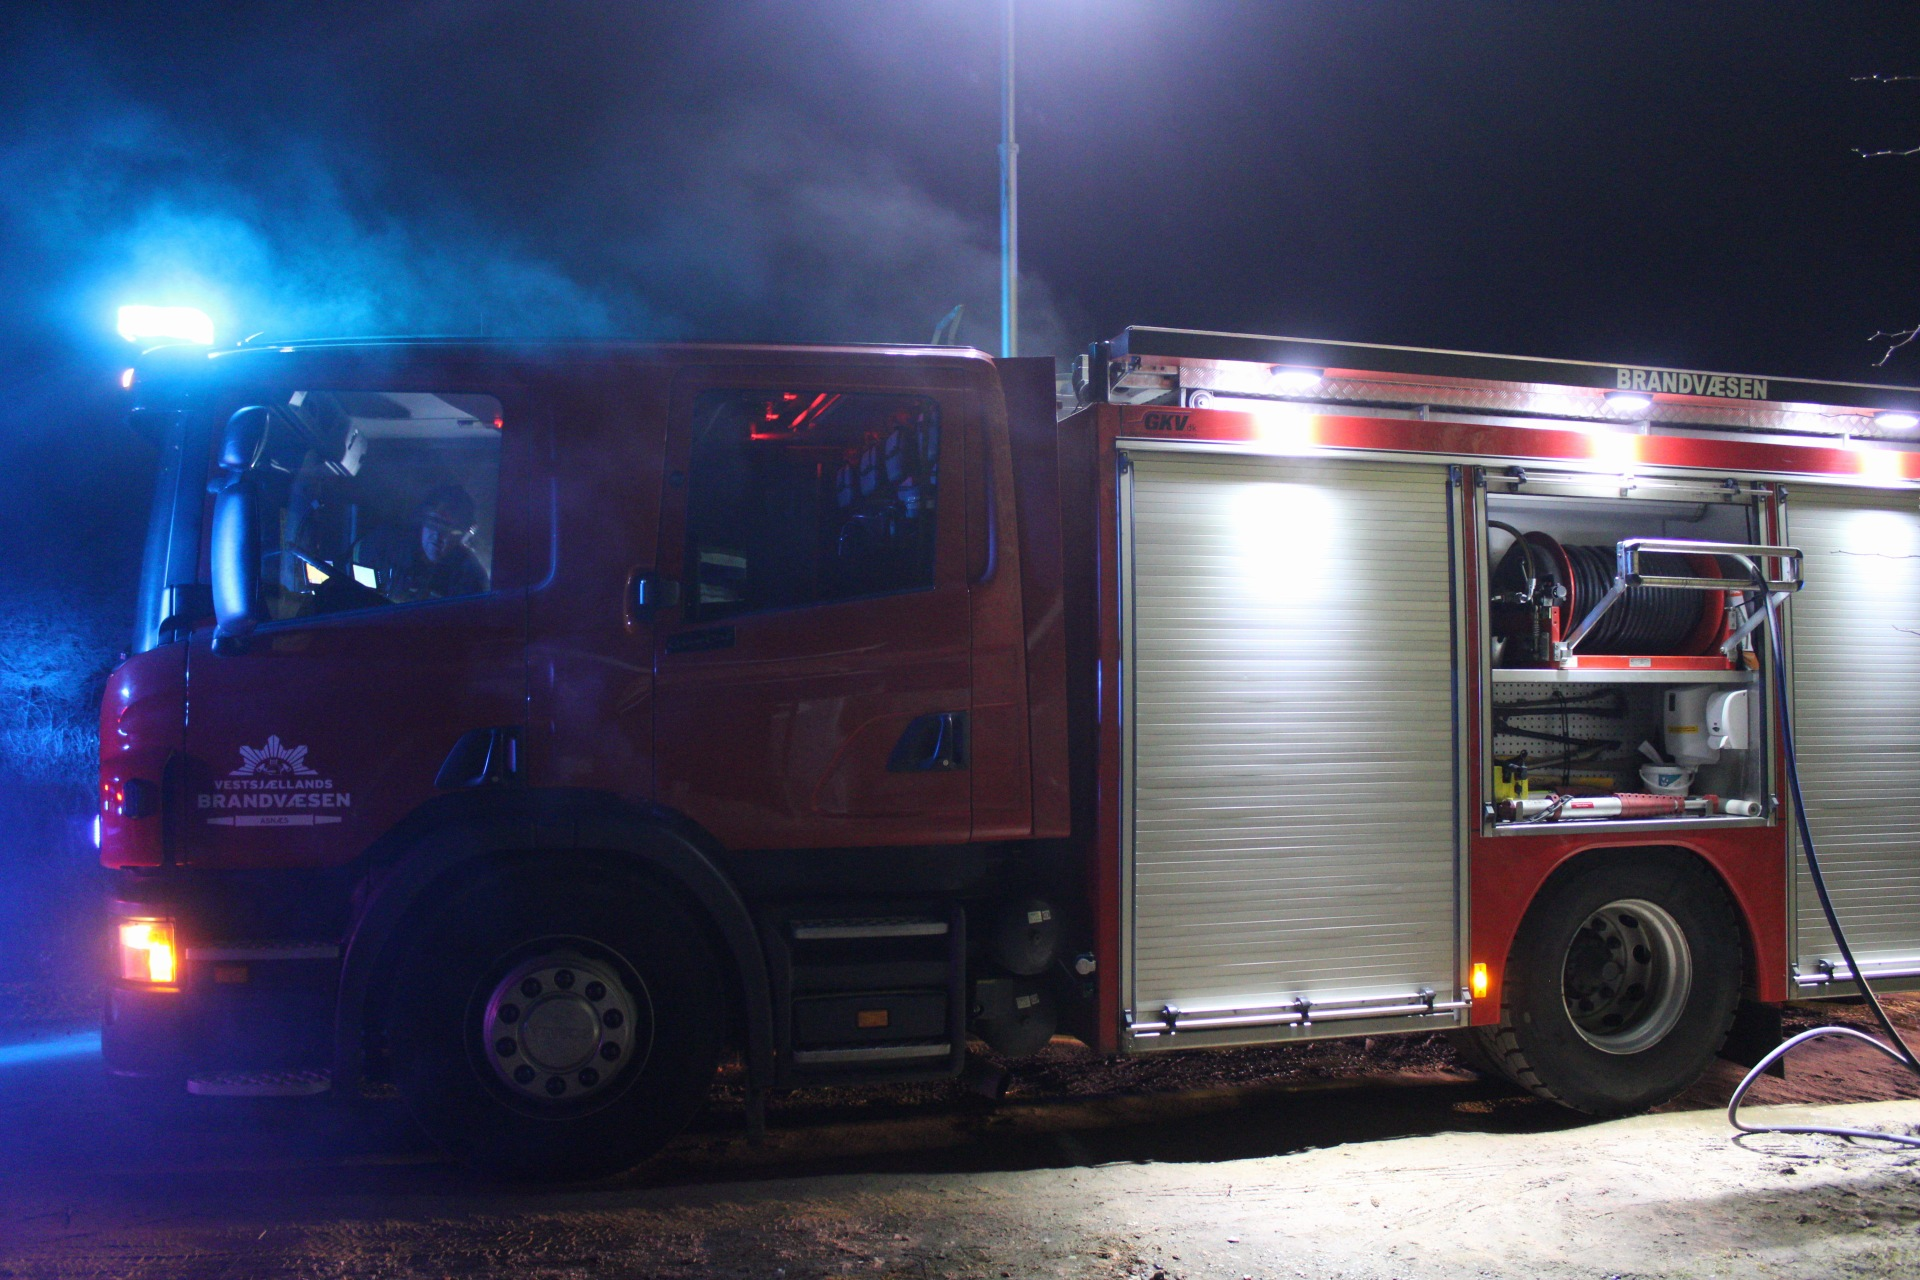 Røg fra brandbil